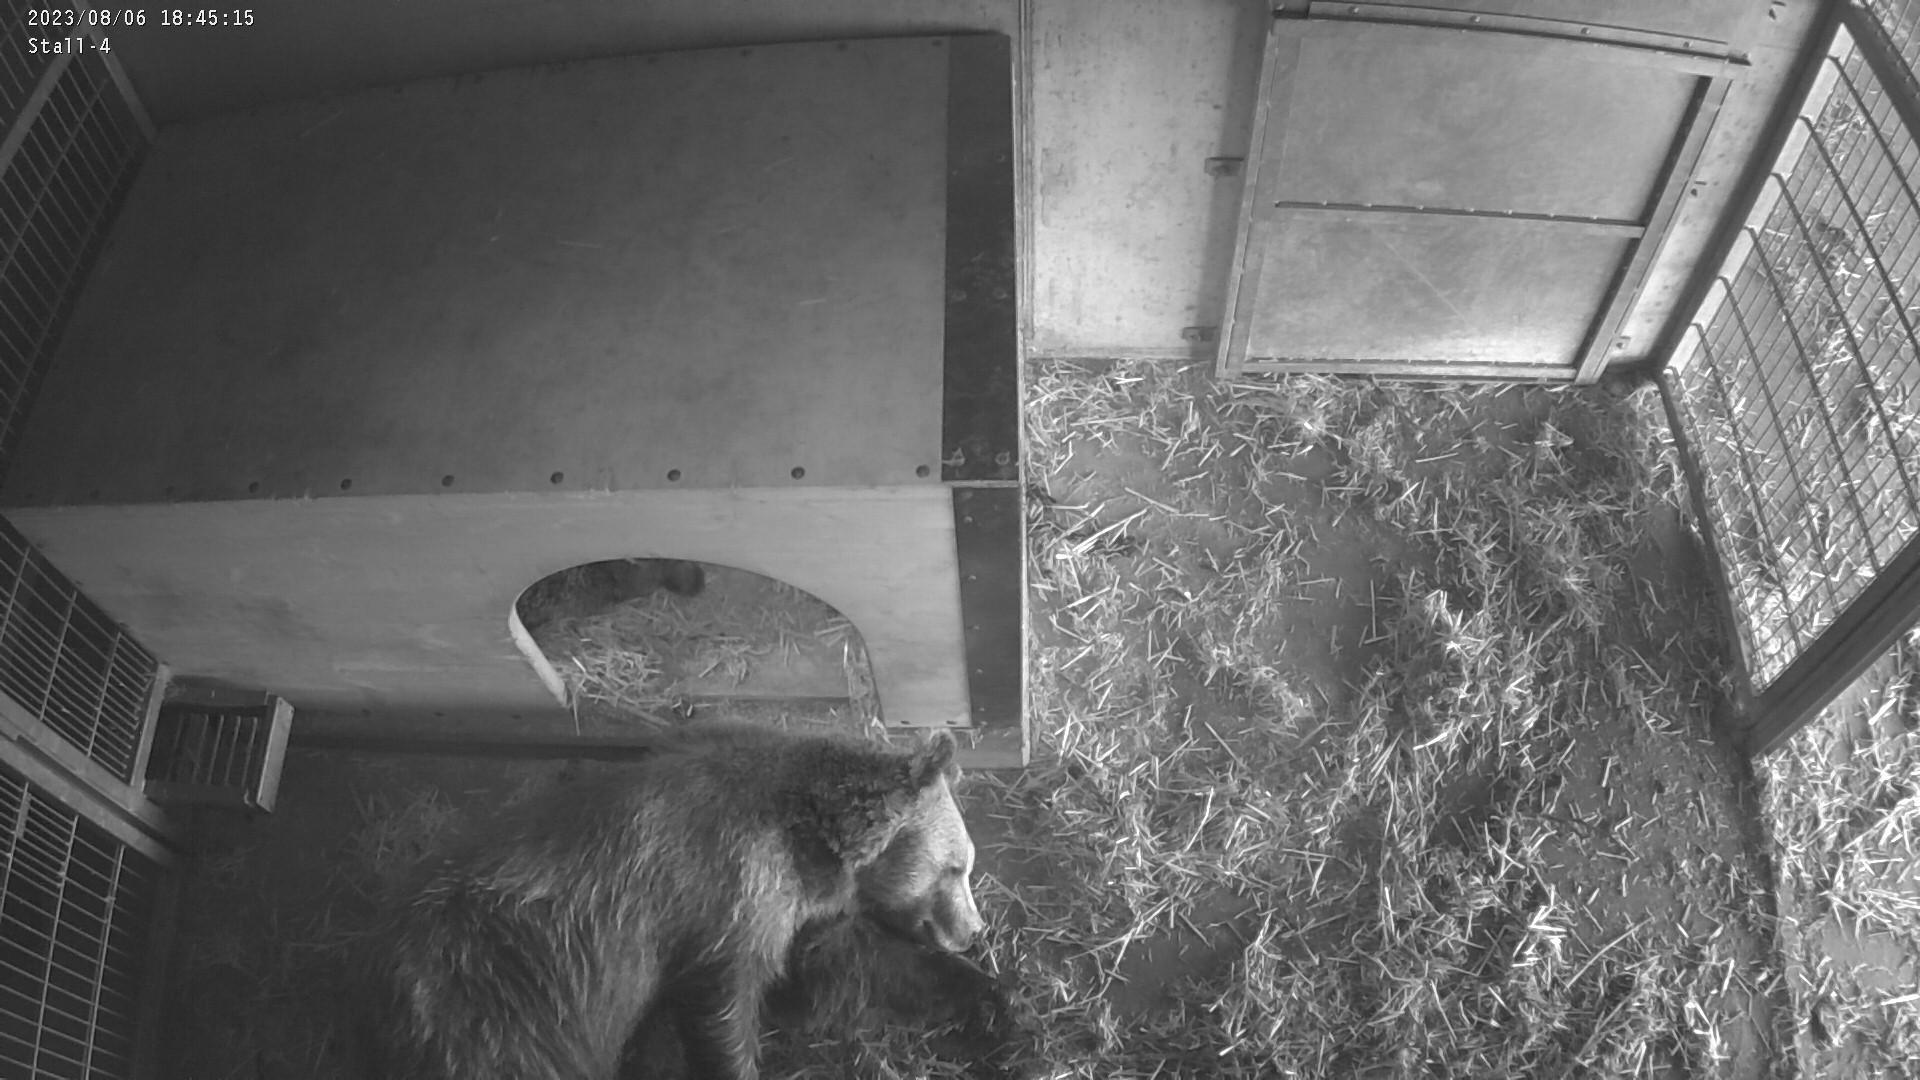 Stall 4: Jambolina